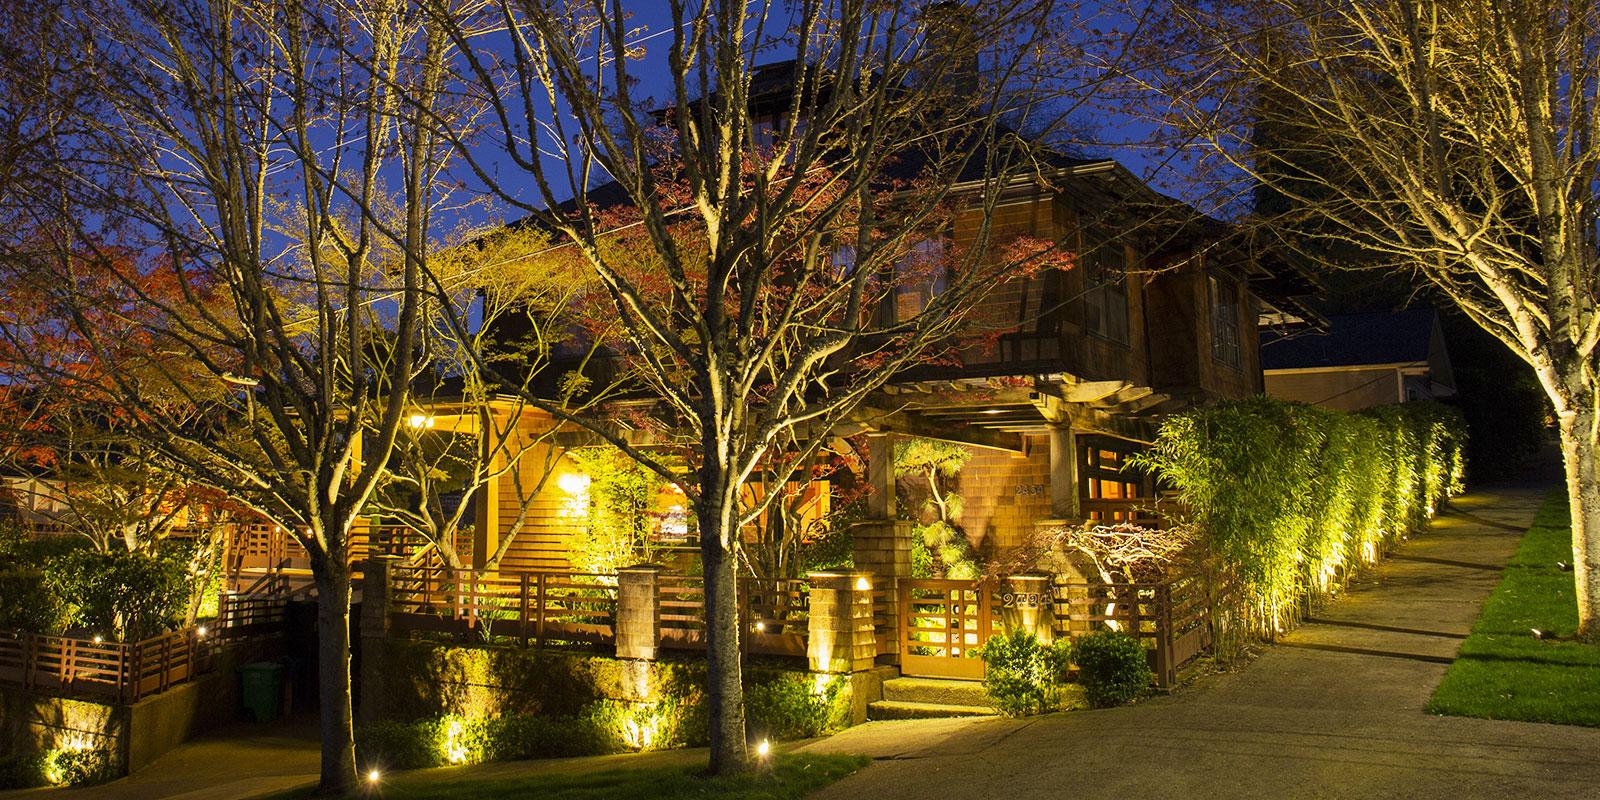 Landscape Lighting Tips for Beginners